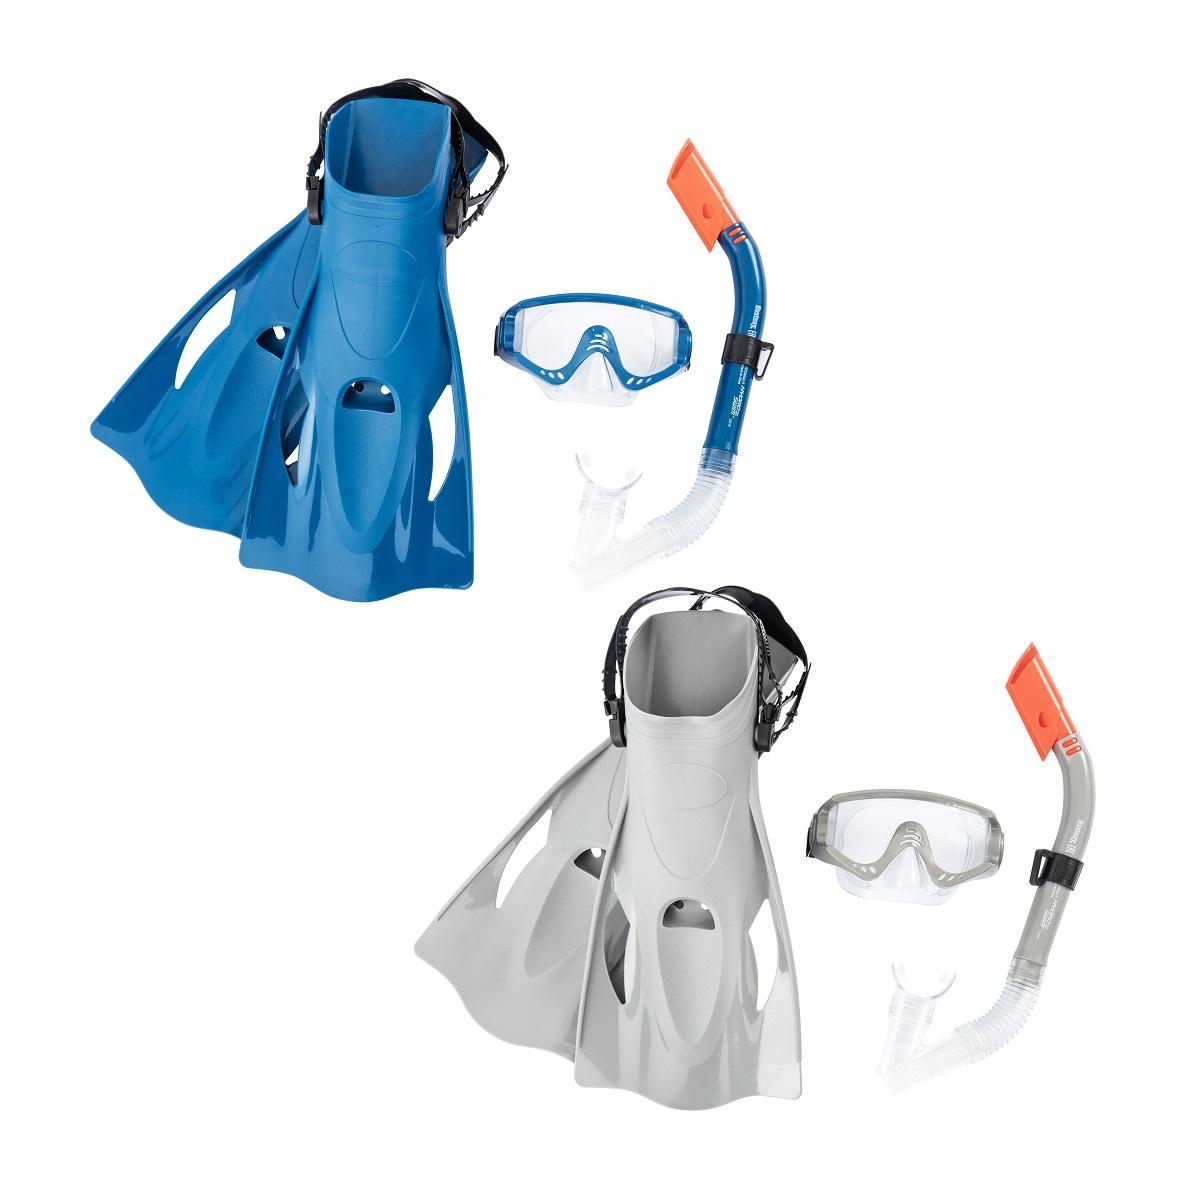 Potápěčský set BESTWAY Hydro Swim 25020 s ploutvemi - modrý